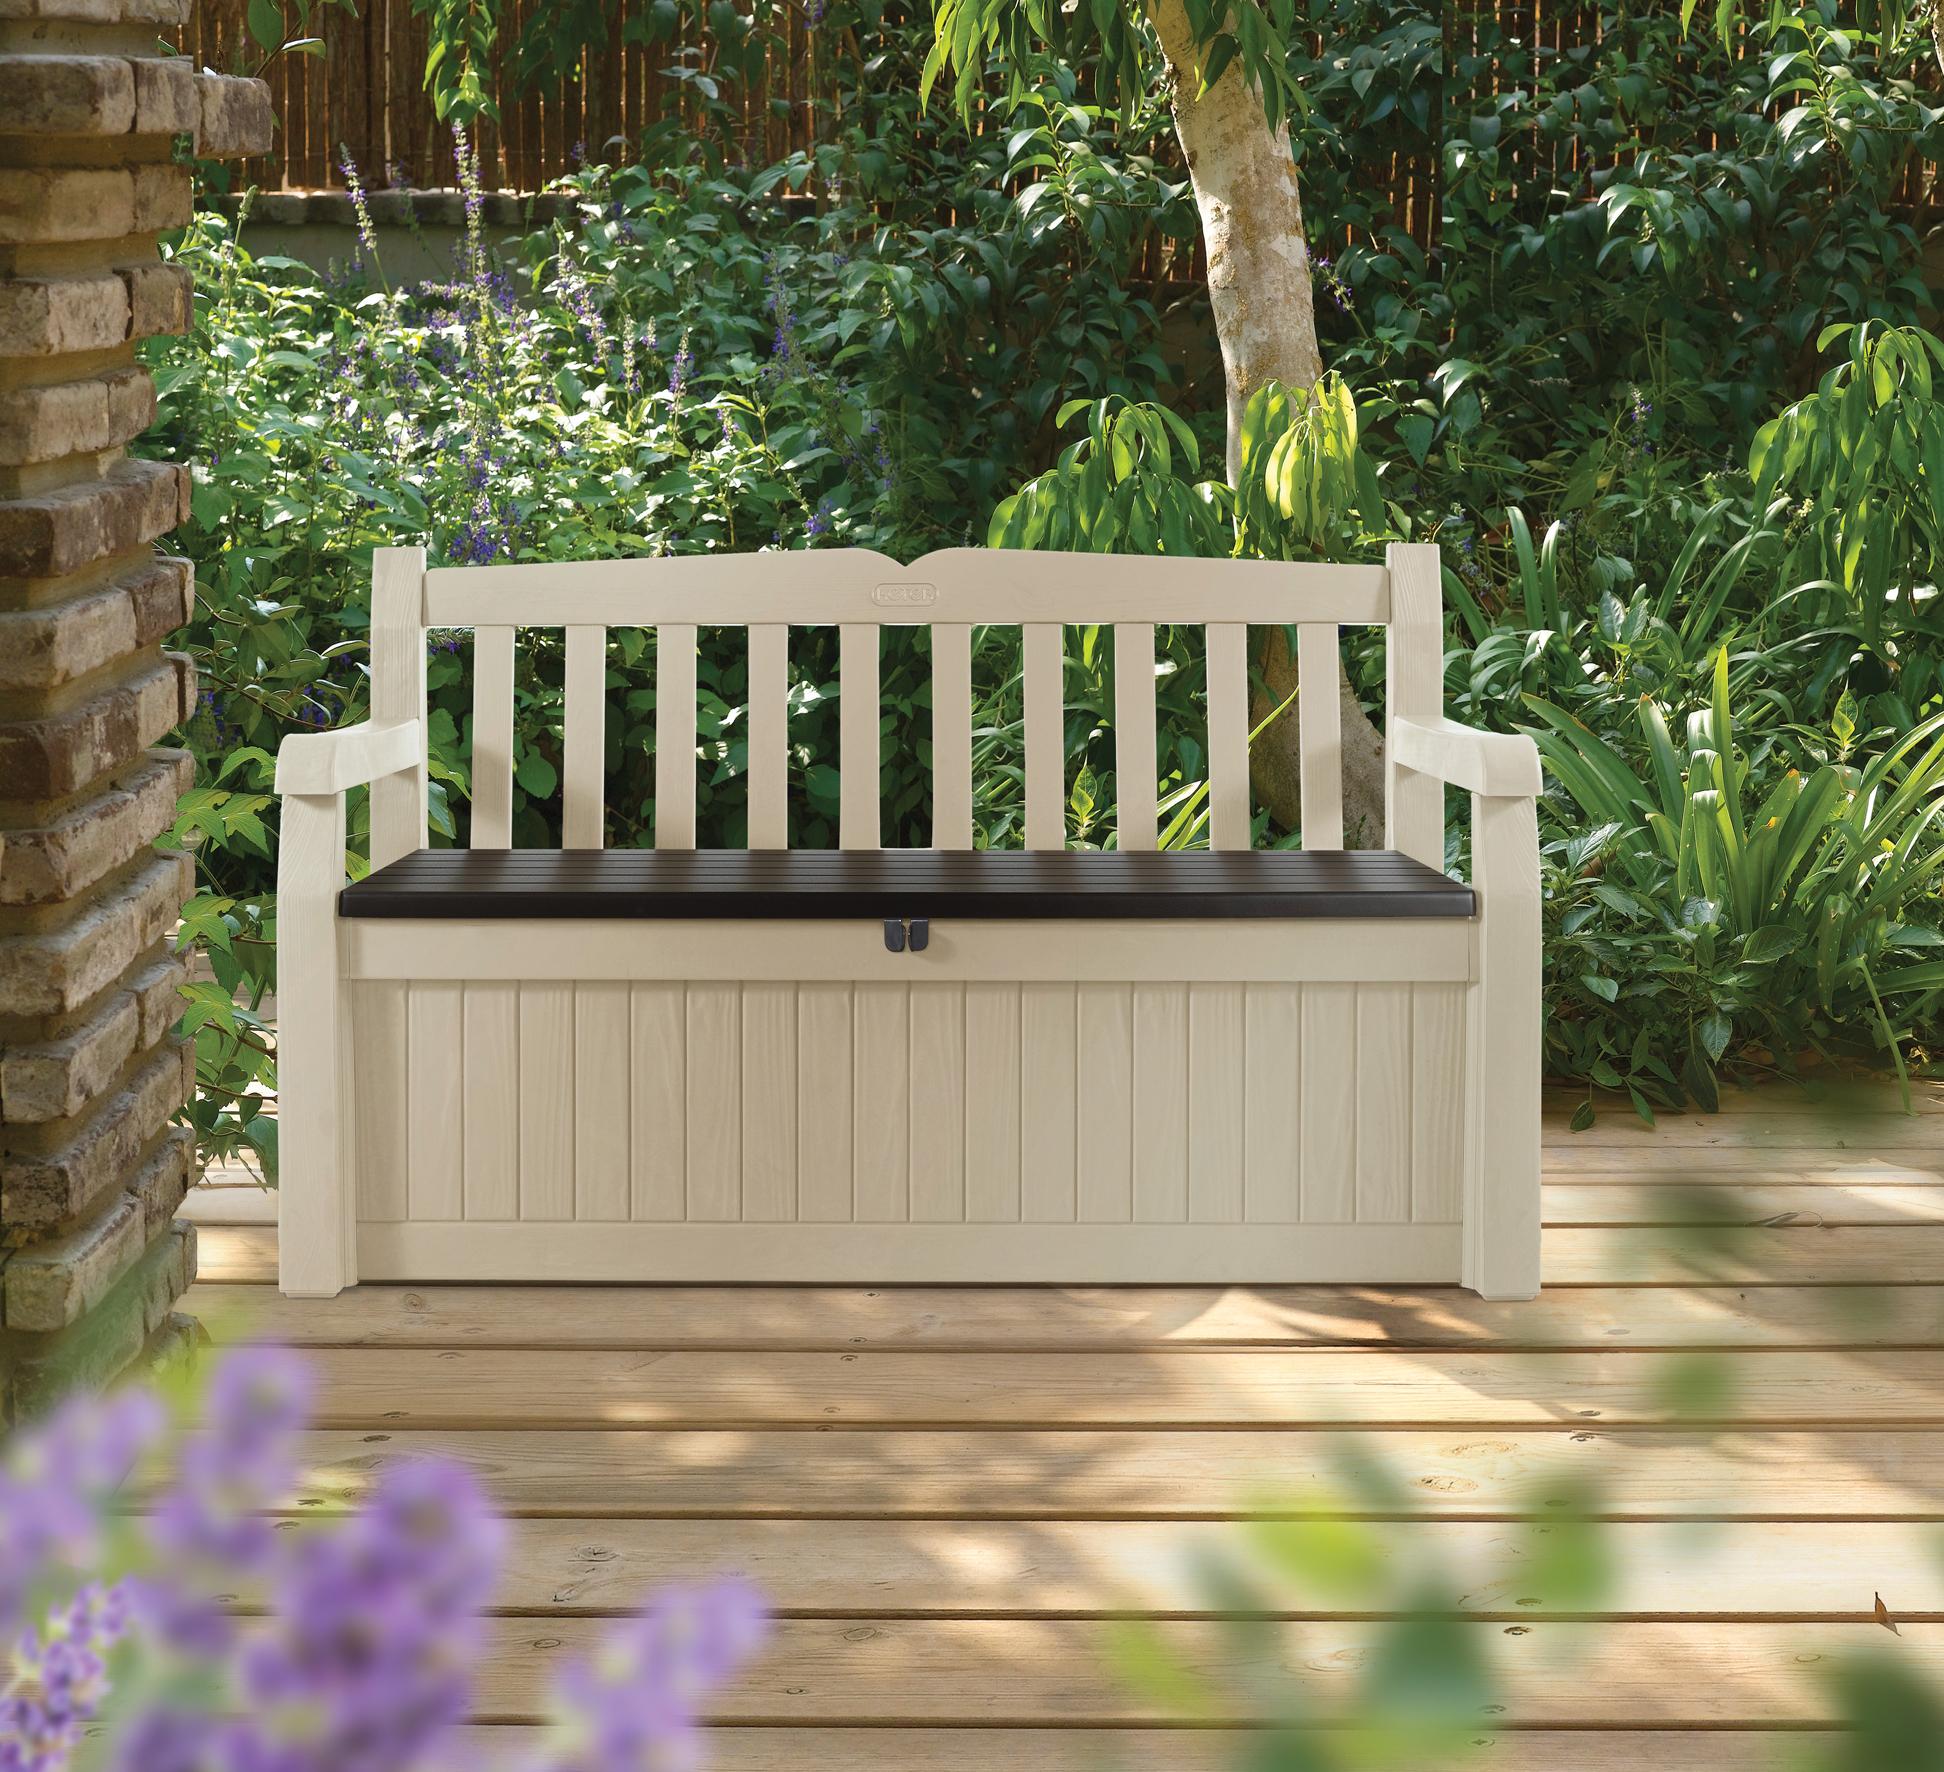 coffre banc de jardin en rsine marron et beigeinteressant avec ori coffre banc en resine beige 265l gardenbench bogota 340